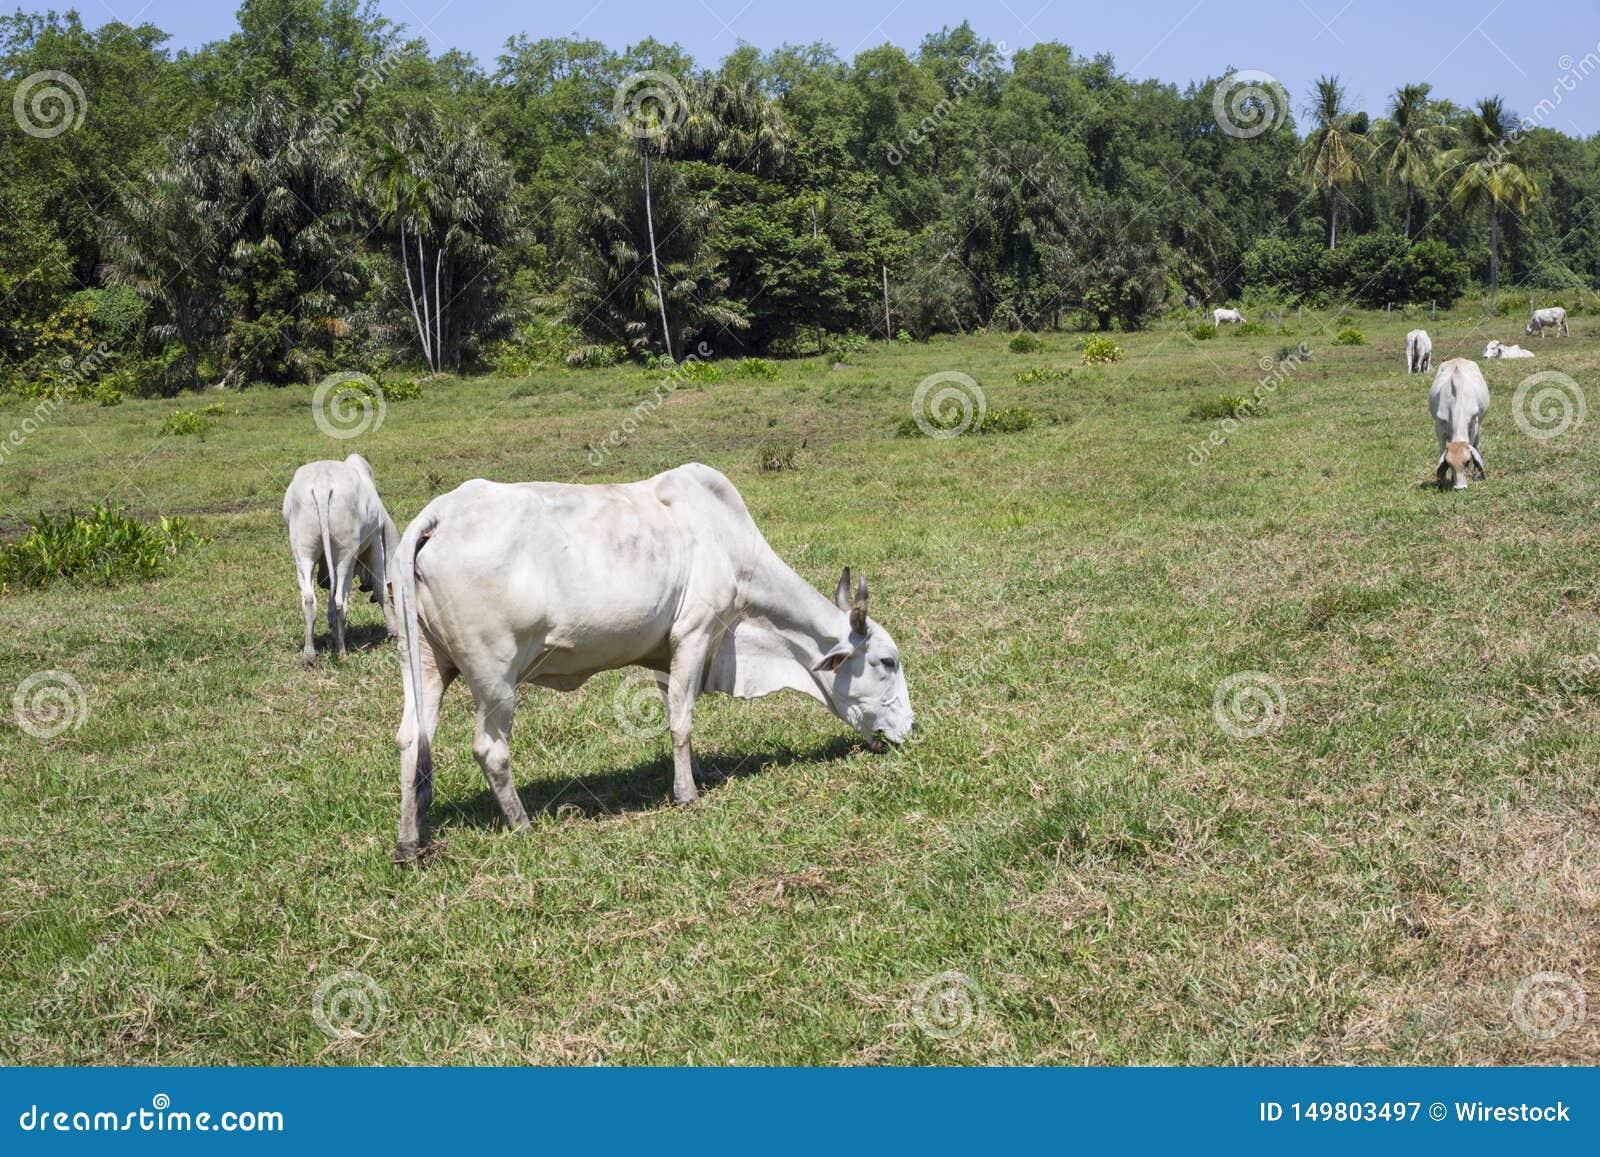 Обезлесение для скотин, Французские Гвианы